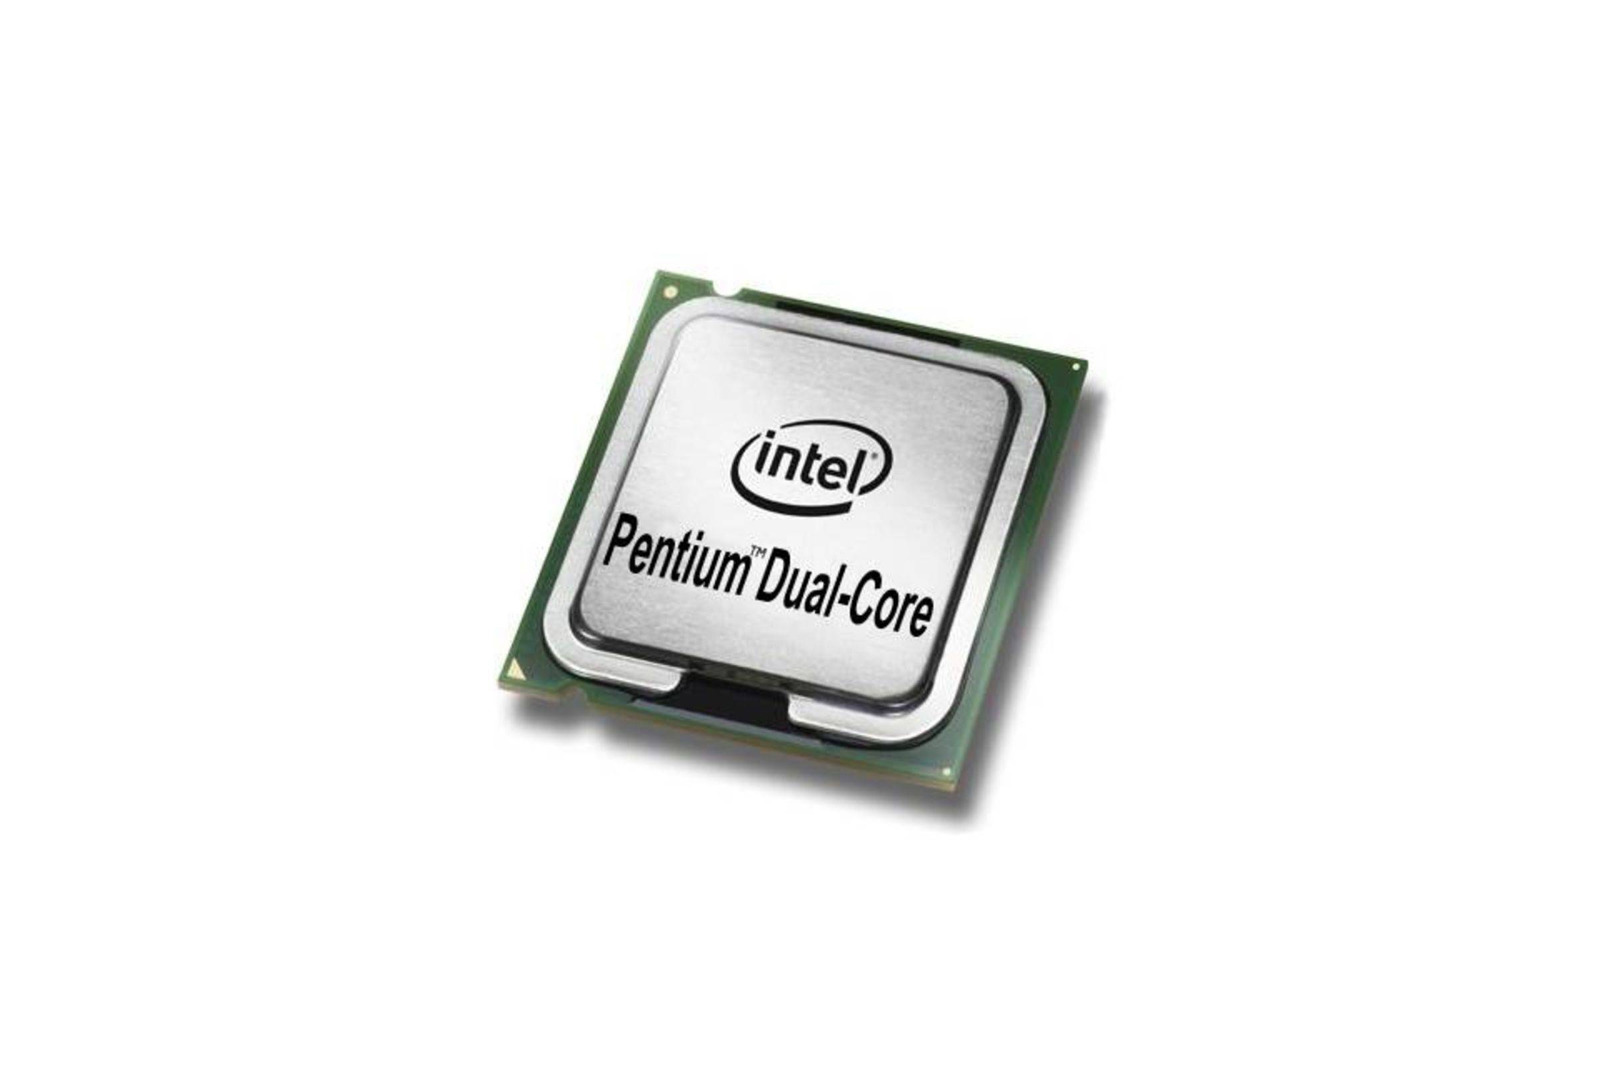 Processor Intel Pentium E5300 2.6GHz 2MB LGA775